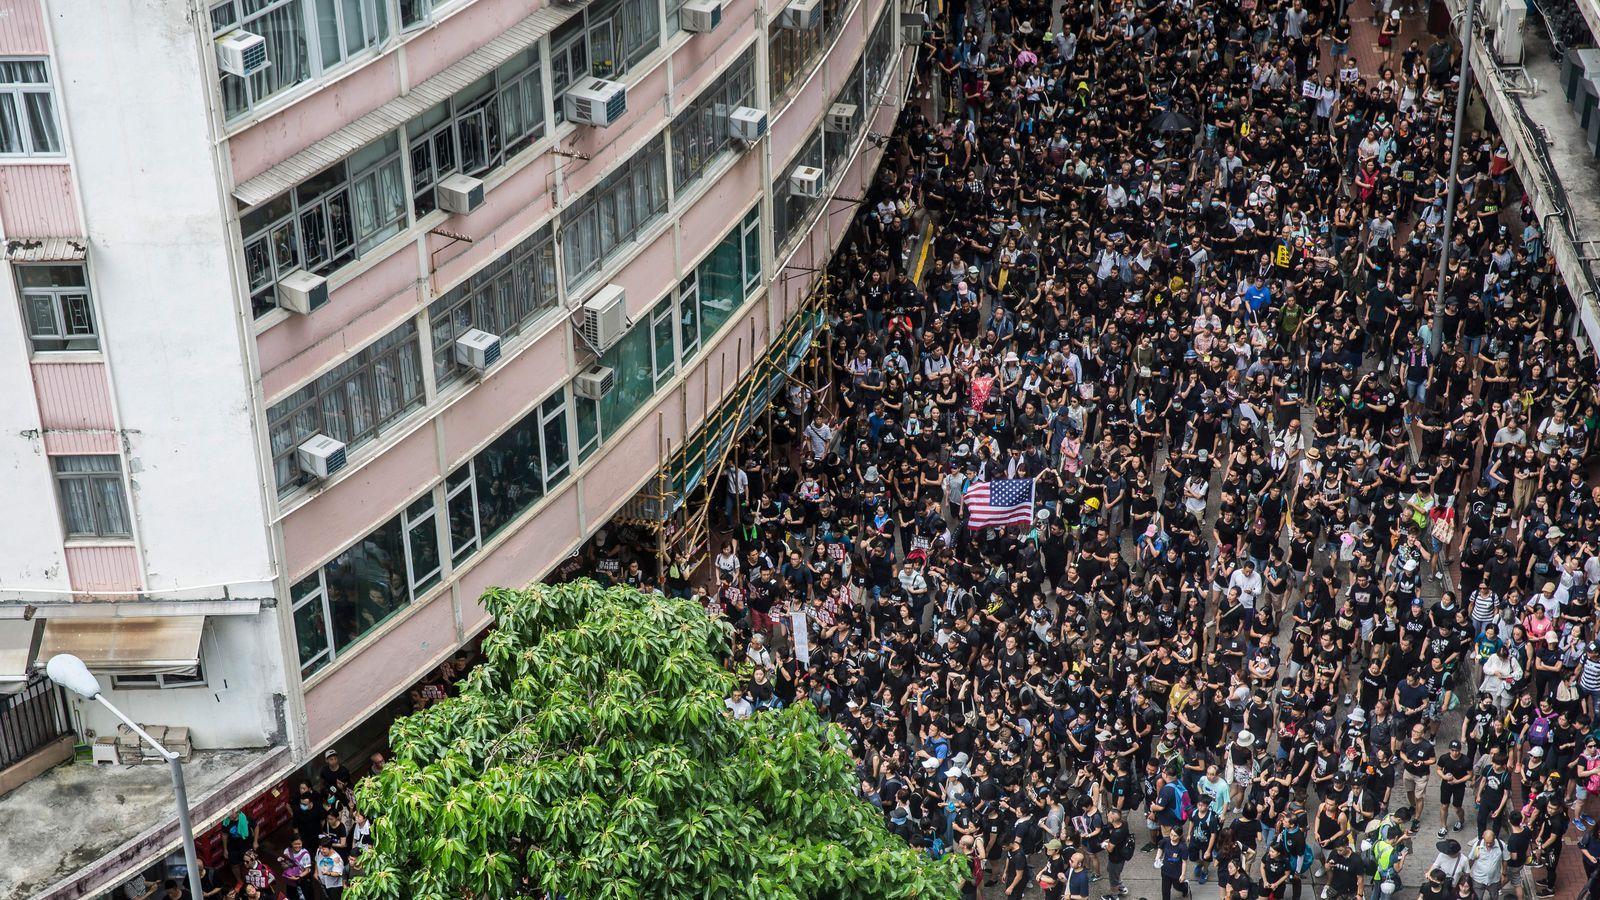 House passes bill expressing support for Hong Kong protestors, rebuking China